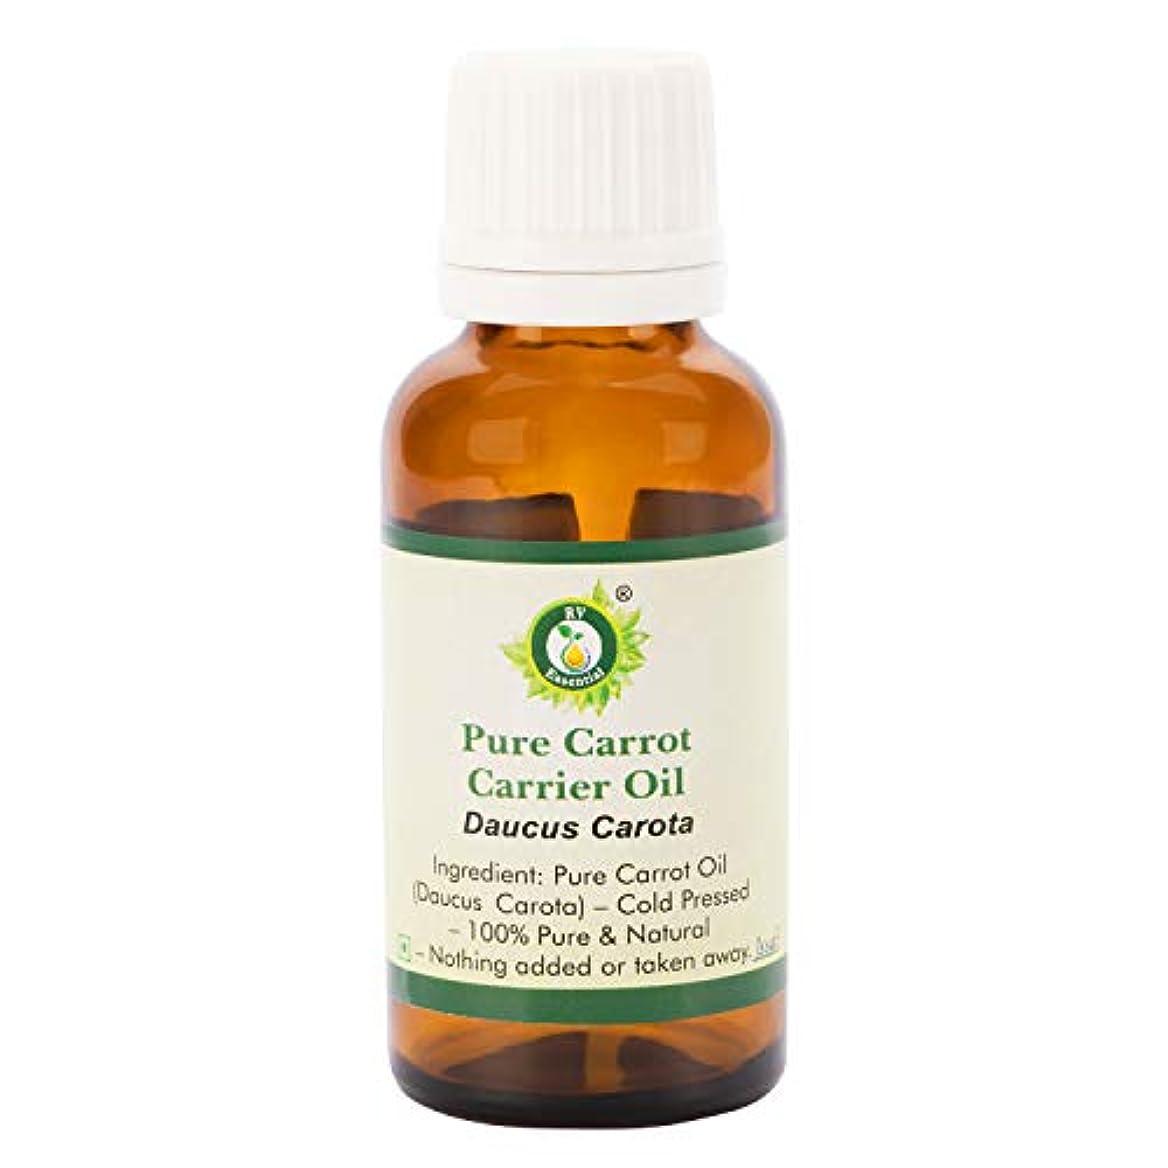 困惑する卵症候群ピュアキャロットキャリアオイル100ml (3.38oz)- Daucus Carota (100%ピュア&ナチュラルコールドPressed) Pure Carrot Carrier Oil